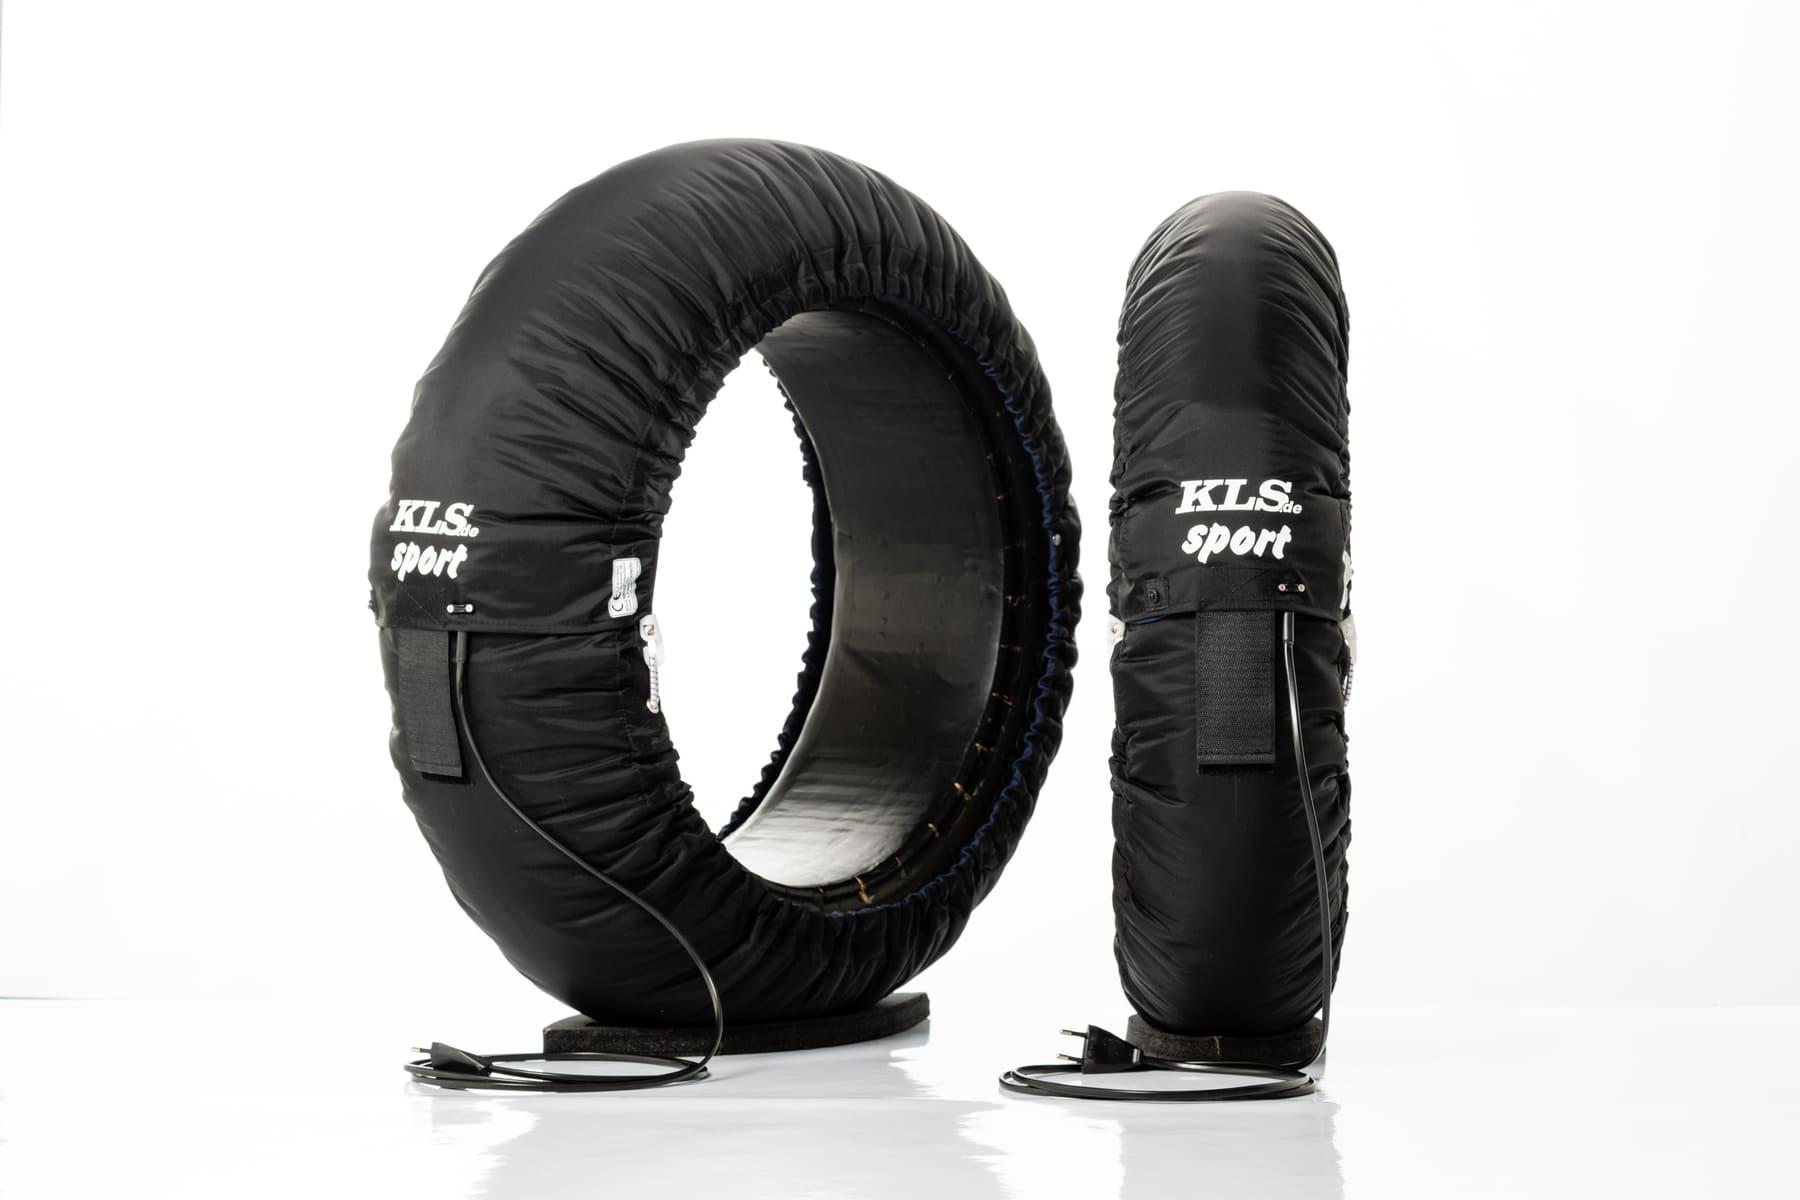 tyrewarmer--kls-sport-color-black